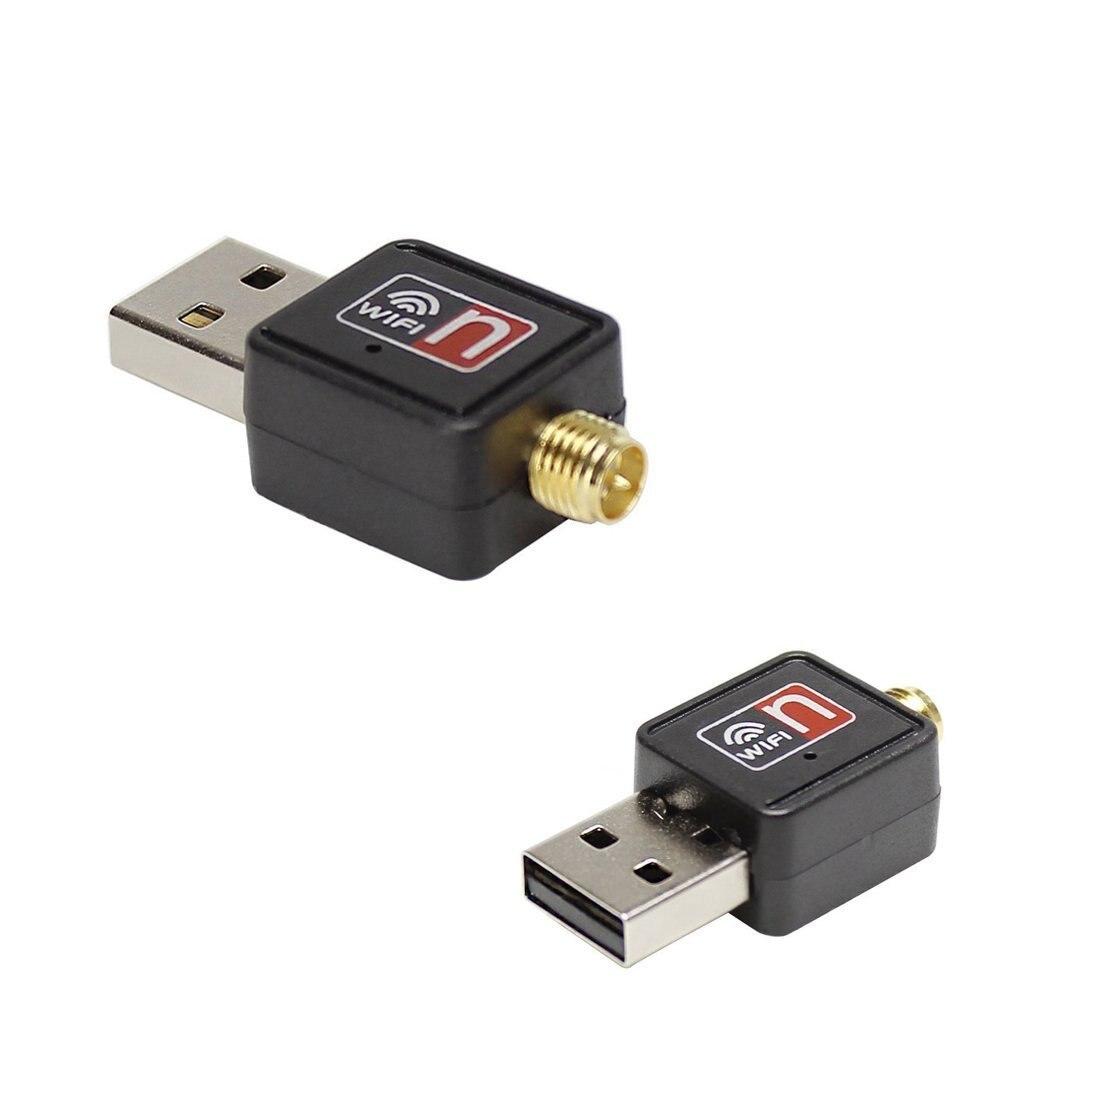 USB wireless network card WiFi receiver 150 m network card antenna network card minicomputer wireless receiver